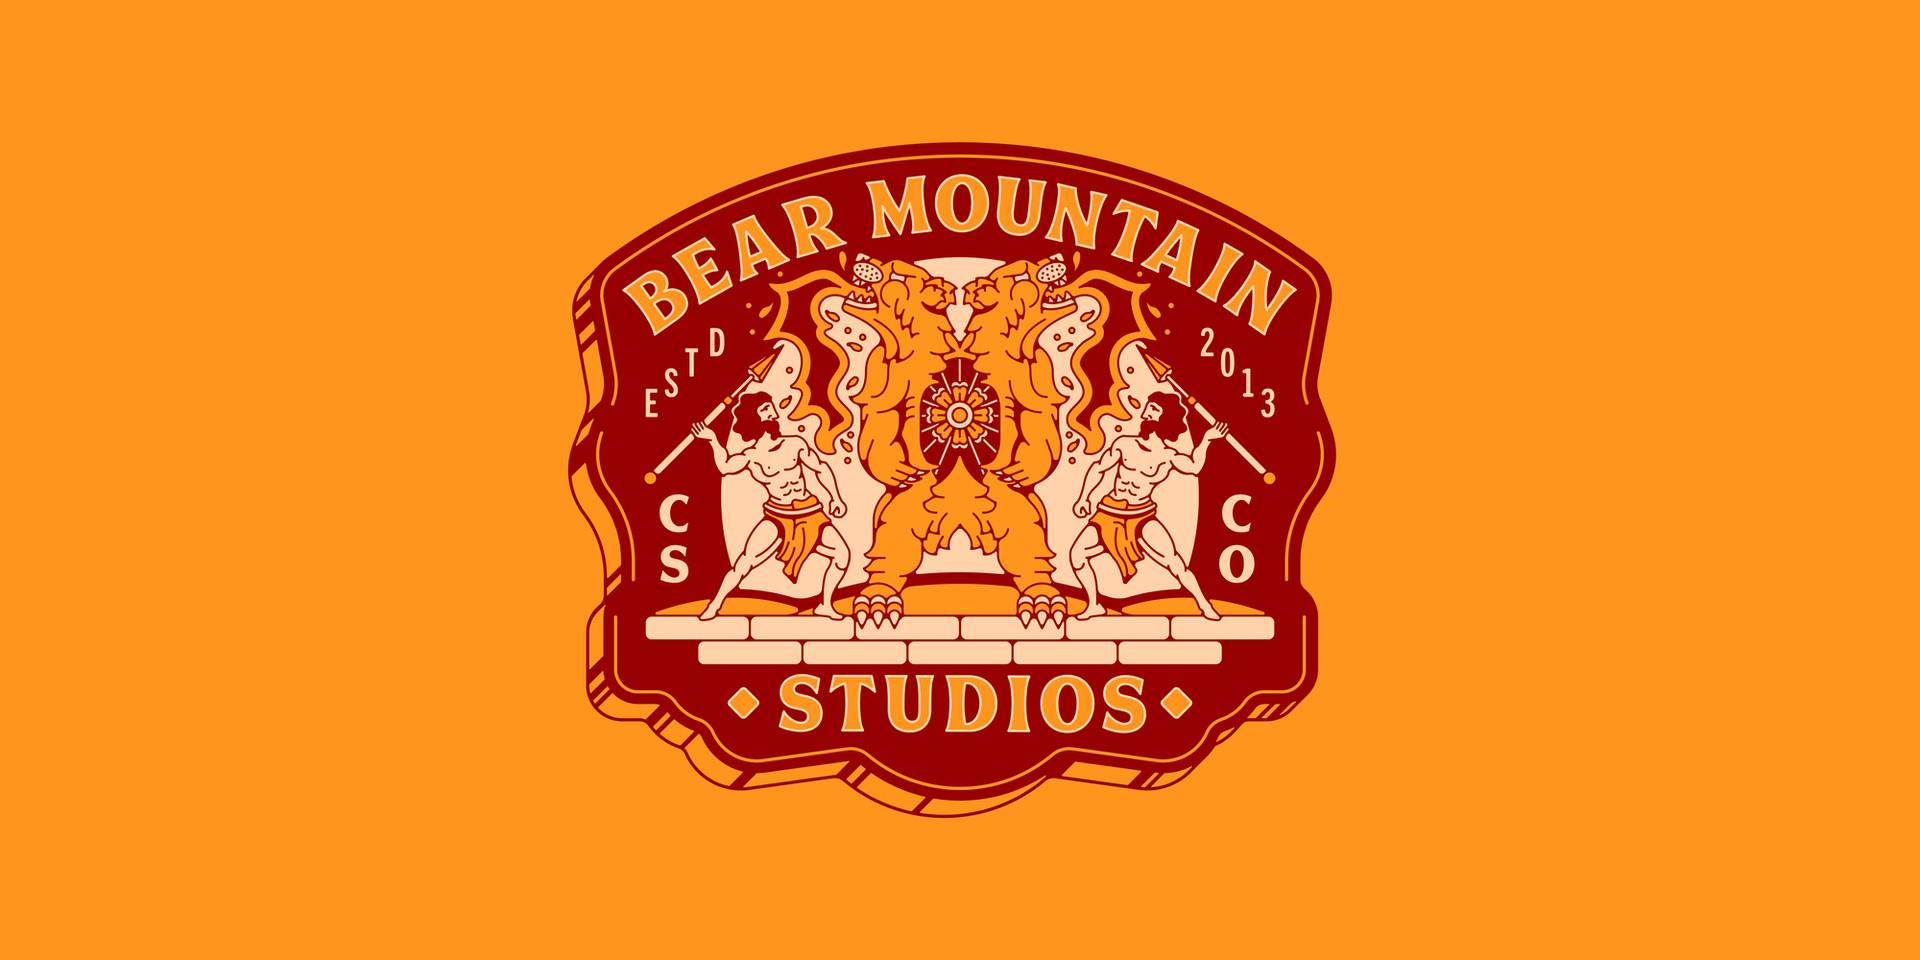 Bear Mountain Branding - Final - Red & G